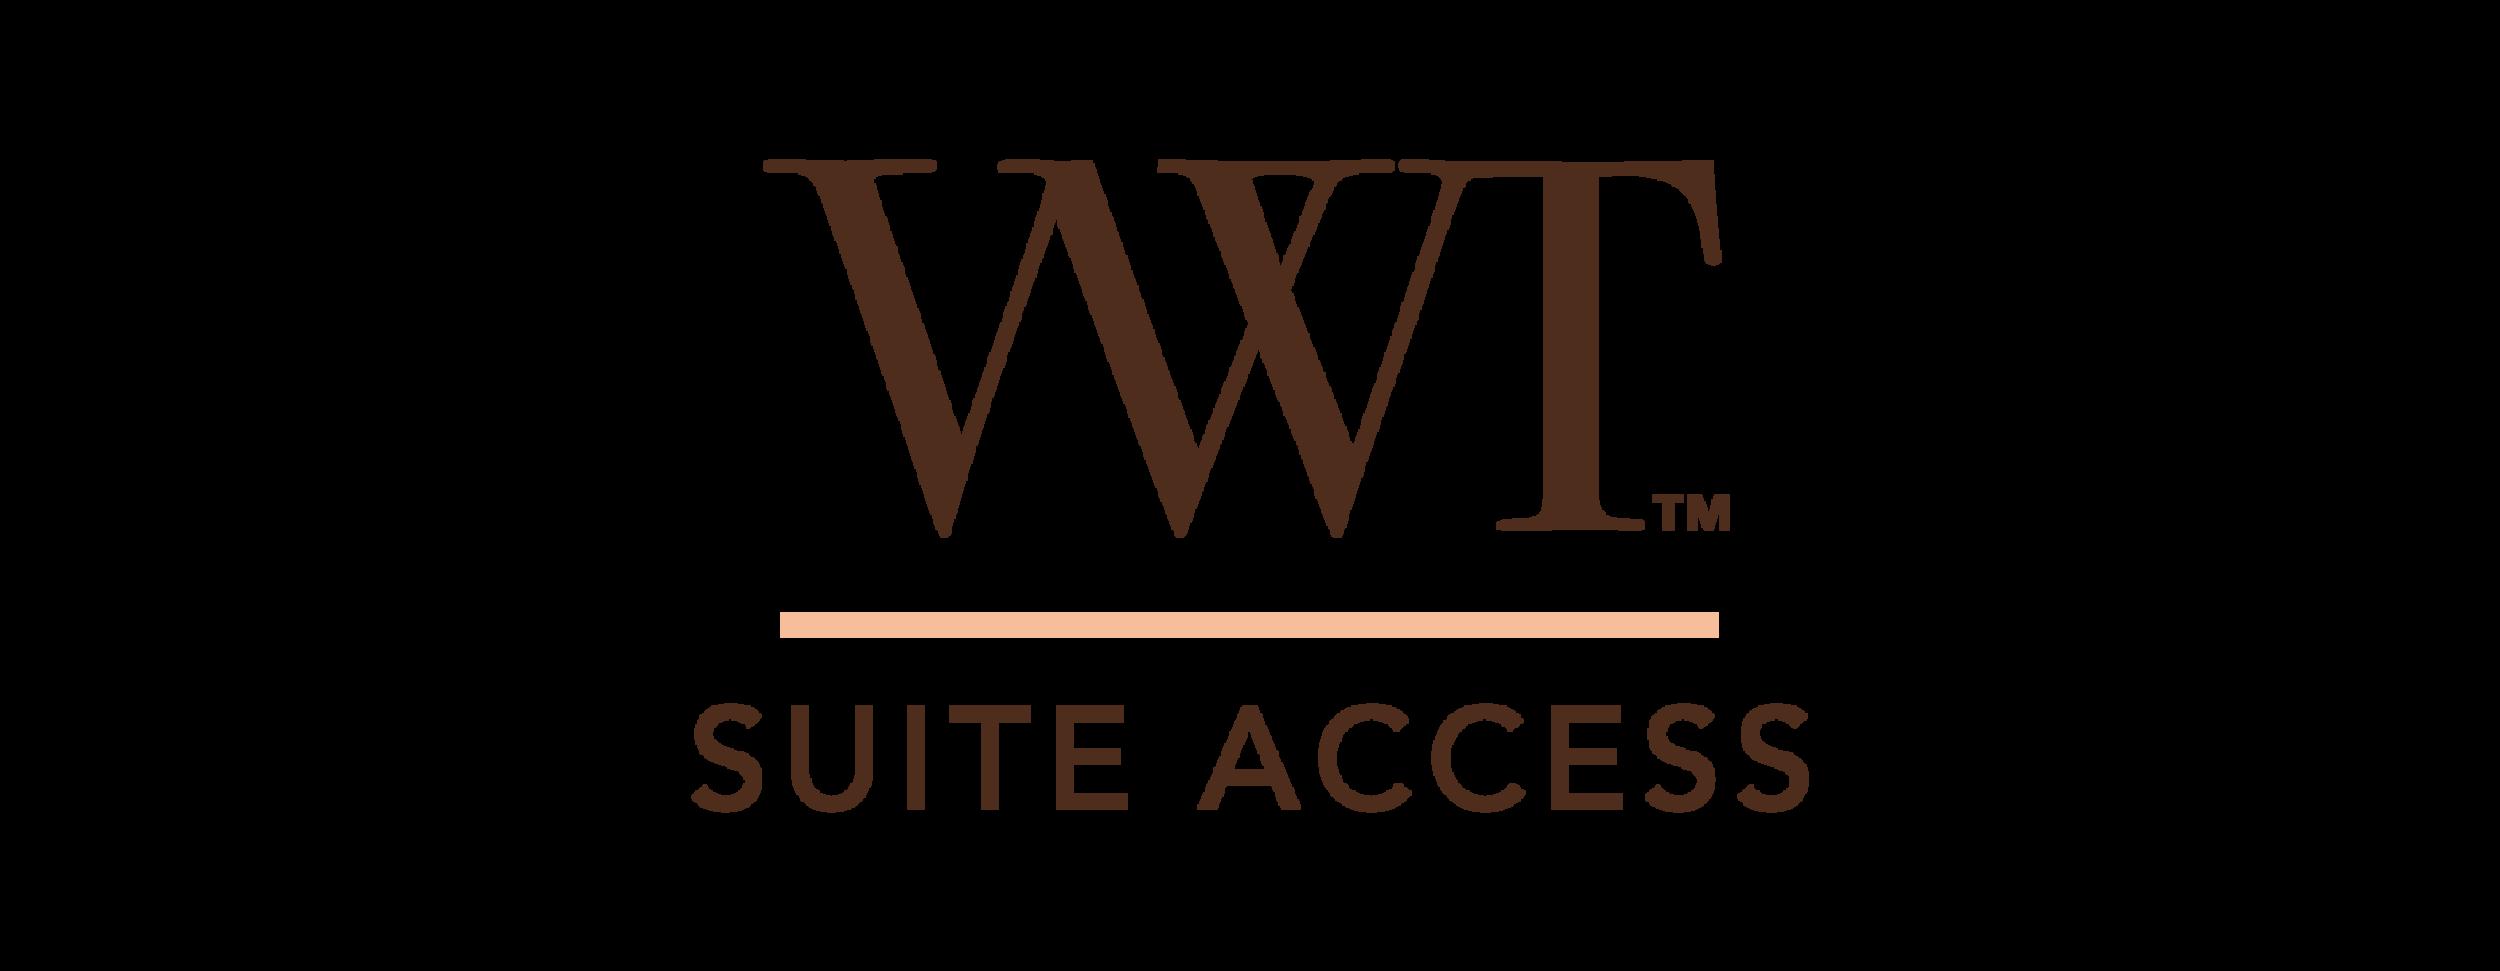 Suite Access (website)-01-01-01.png